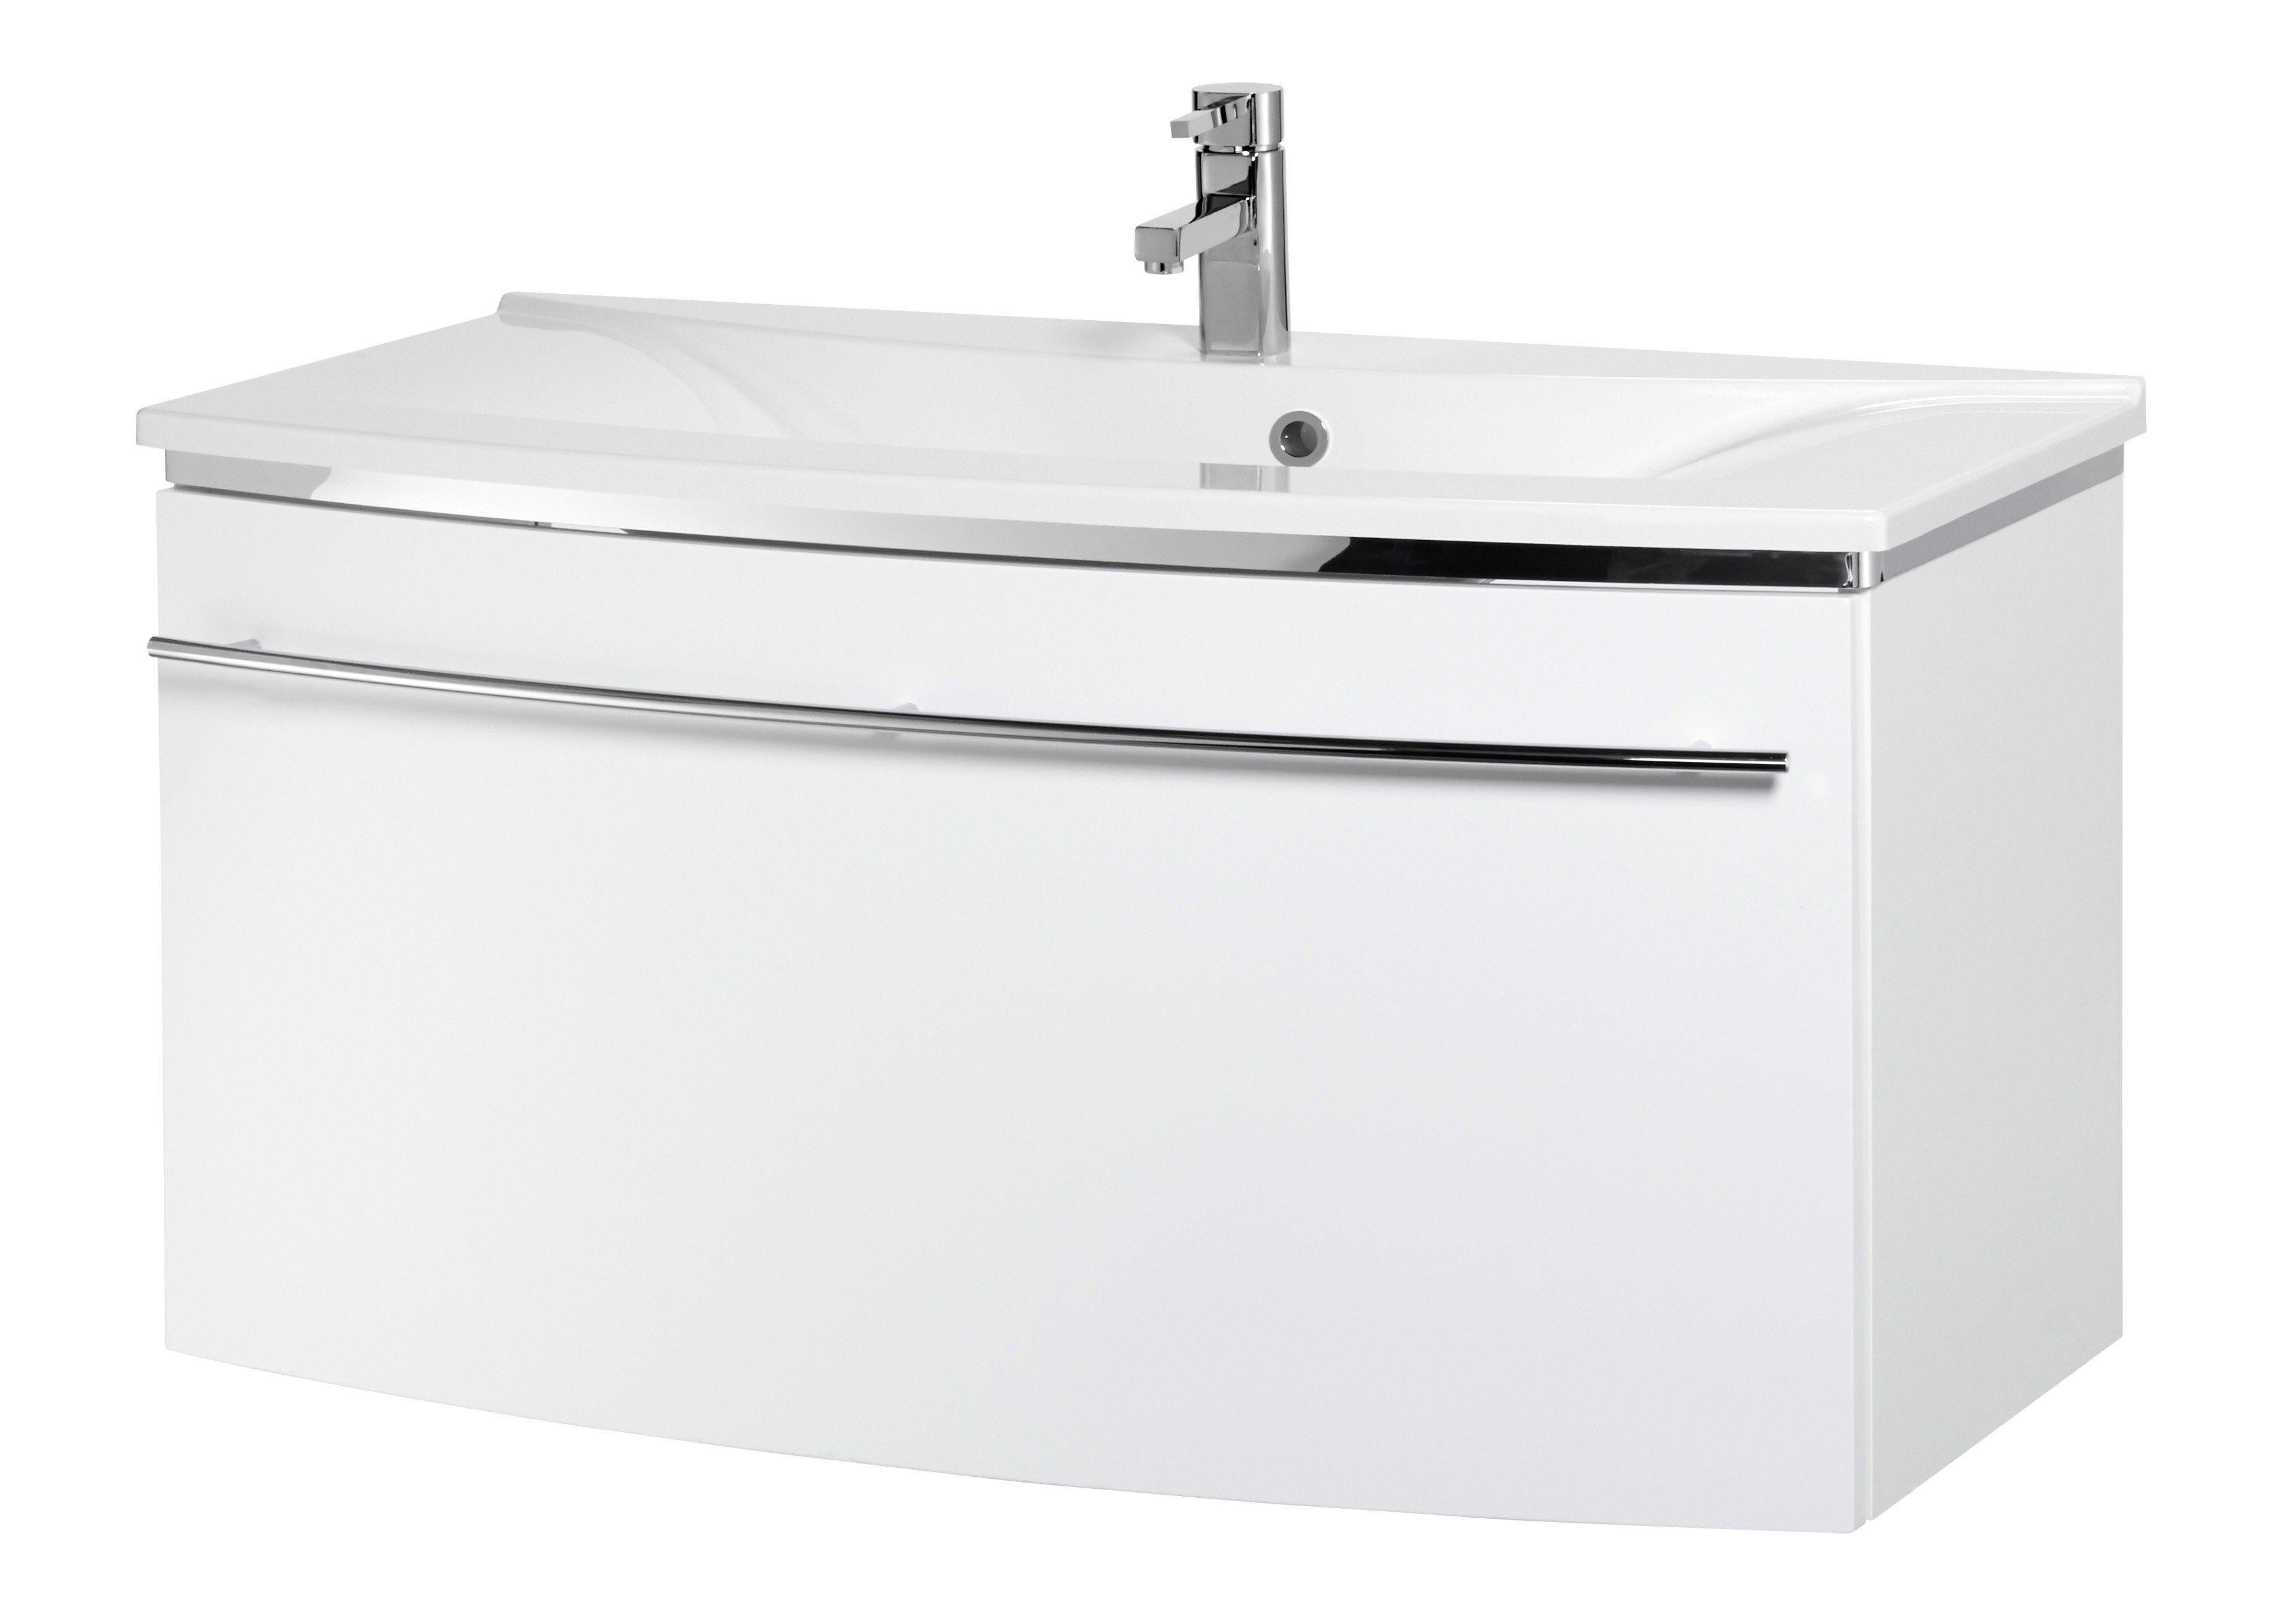 Waschtisch »OPTIpremio 2043«, Breite 92,4 cm, (2-tlg.) | Bad > Badmöbel > Badmöbel-Sets | Weiß